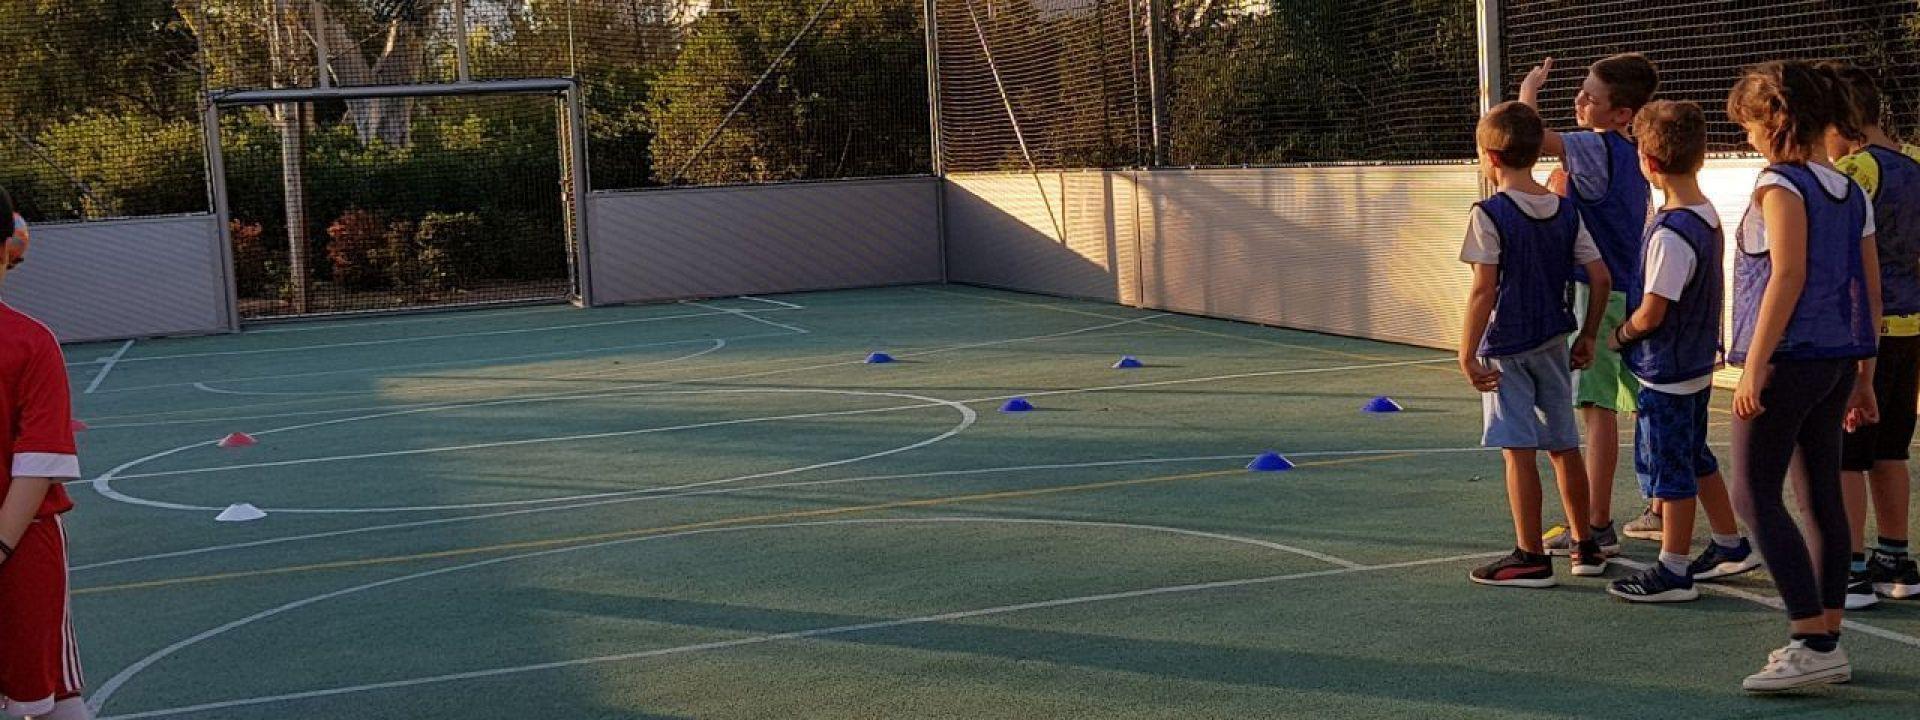 Φωτογραφία που απεικονίζει τη δραστηριότητα football skills